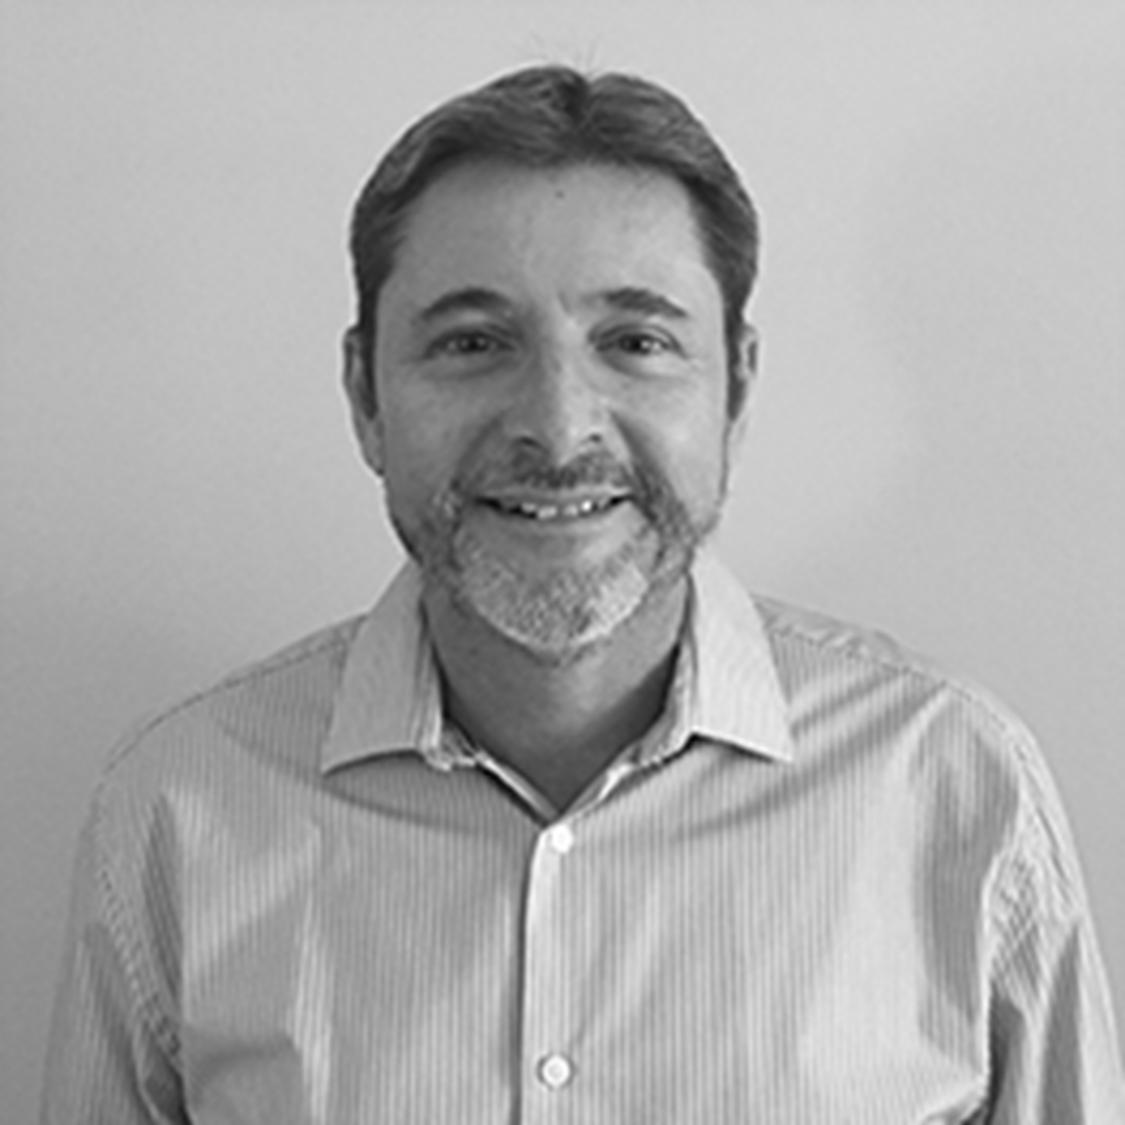 Douglas Branco